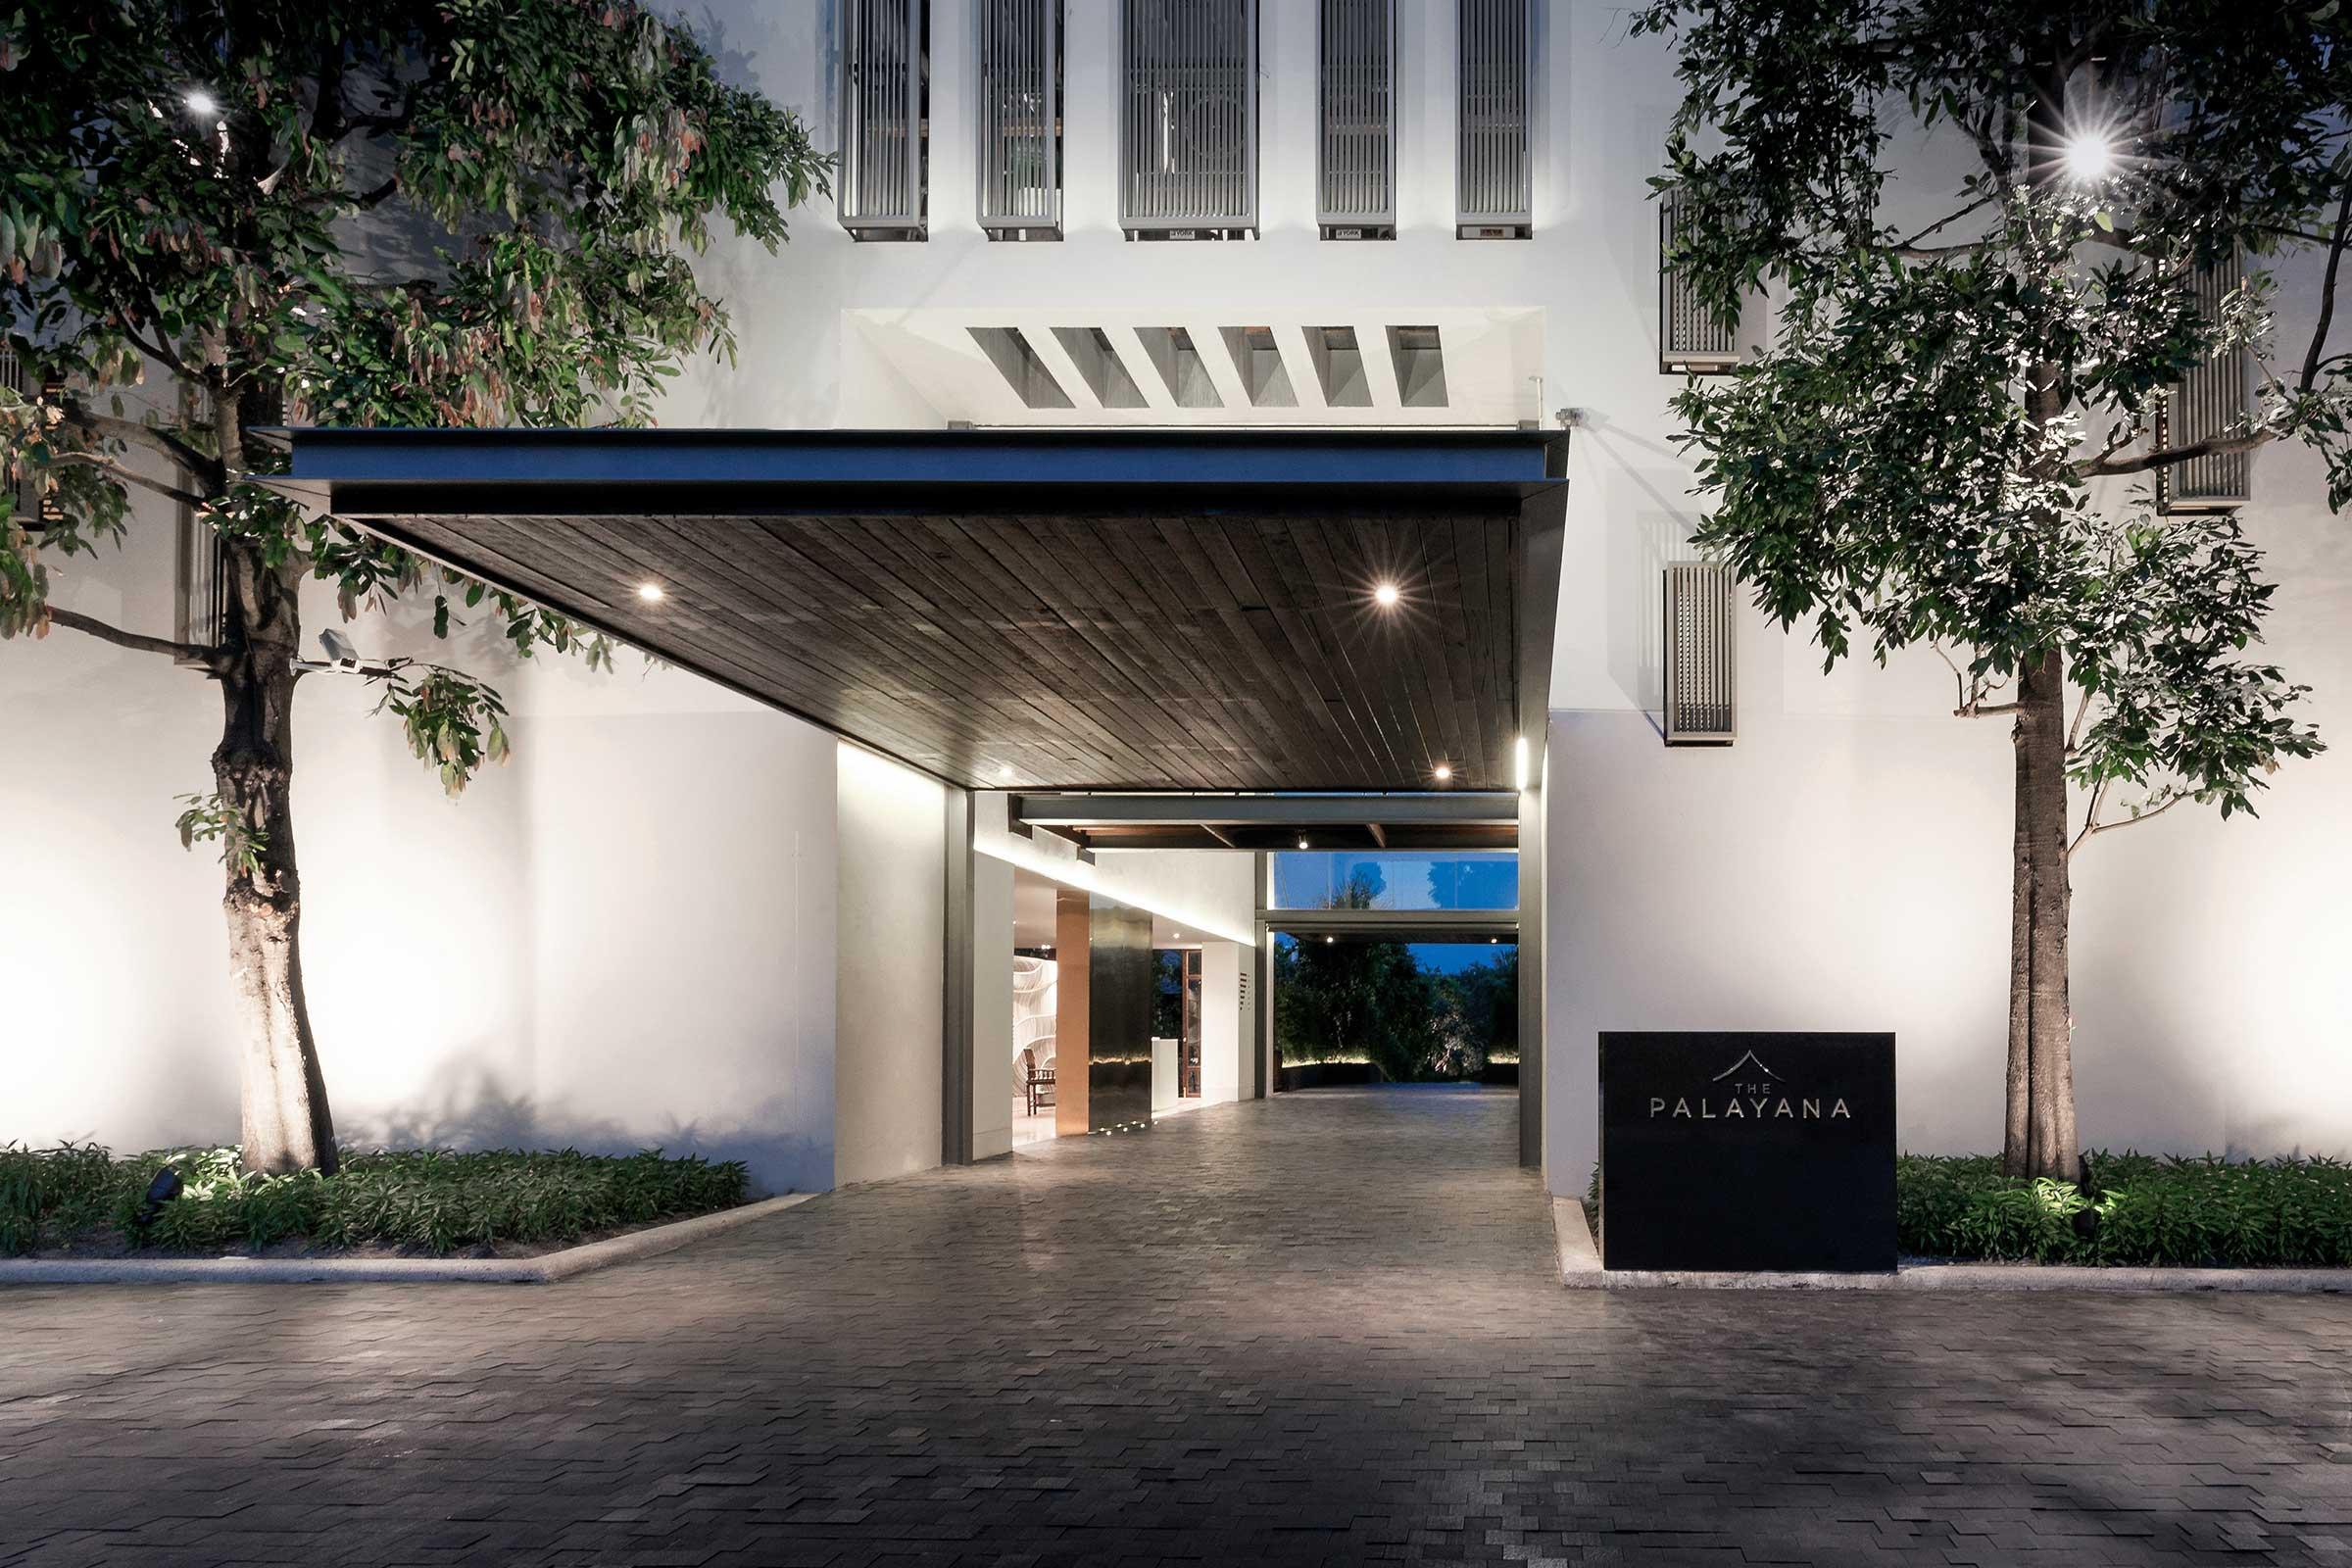 2-Palayana-Hotel-Architectkidd-Luke-Yeung.jpg